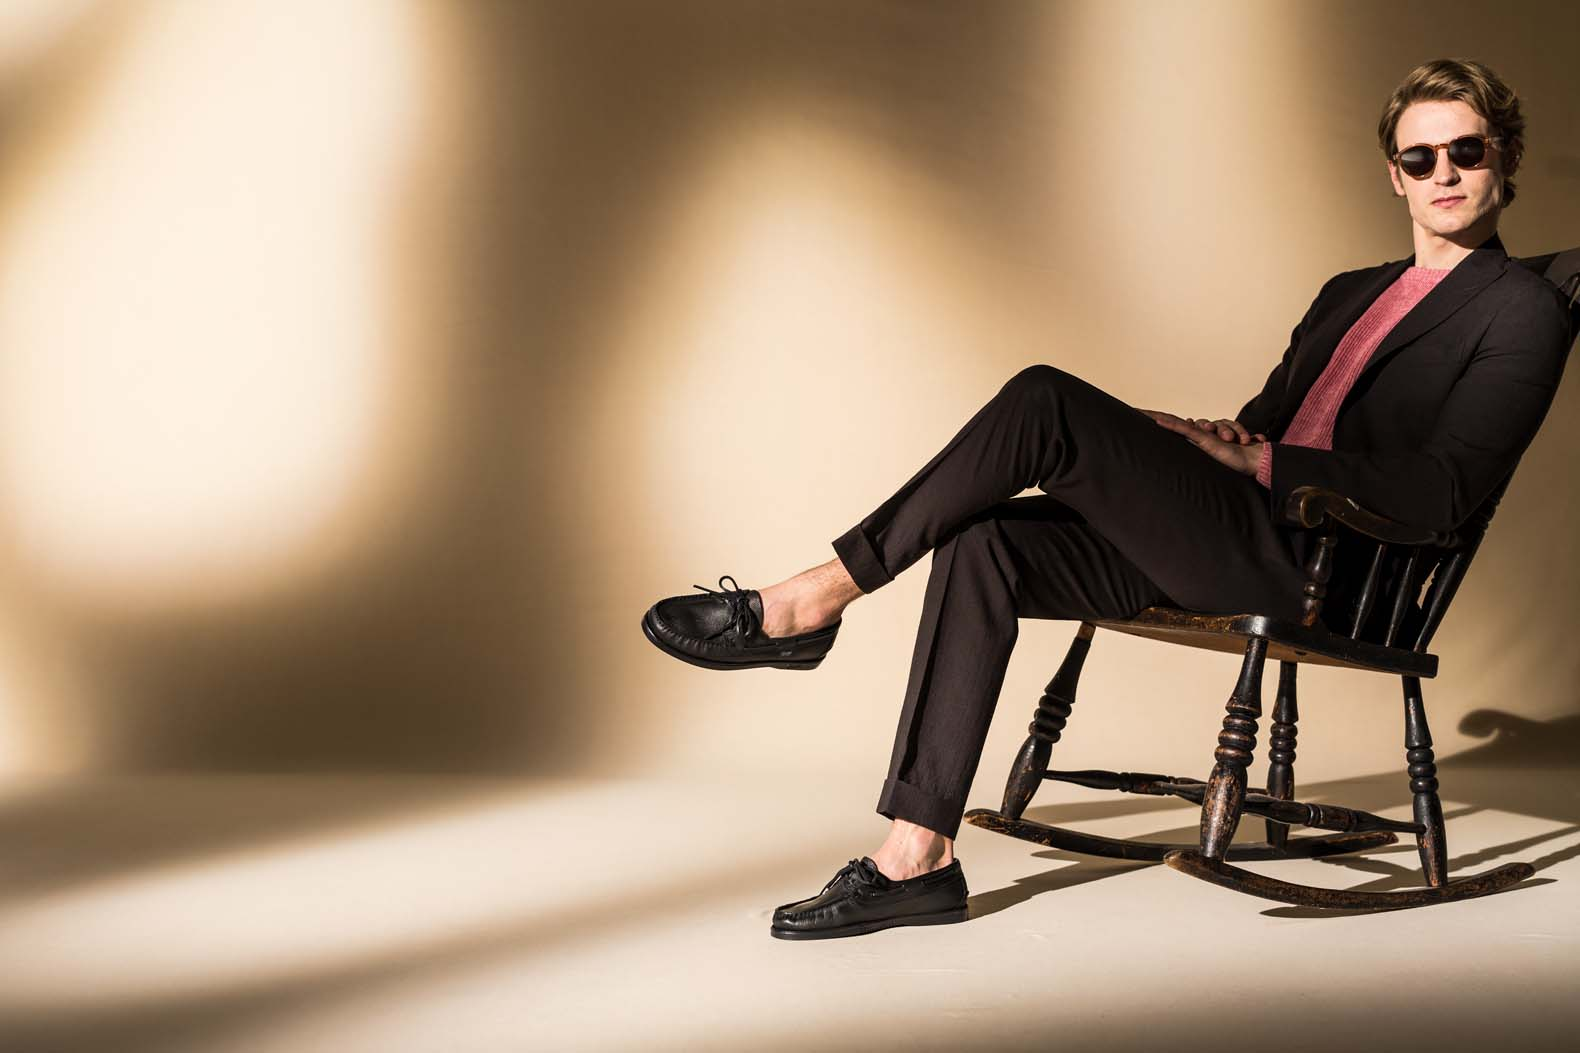 ディアスキンで生まれ変わった街履きデッキシューズの最新モデル